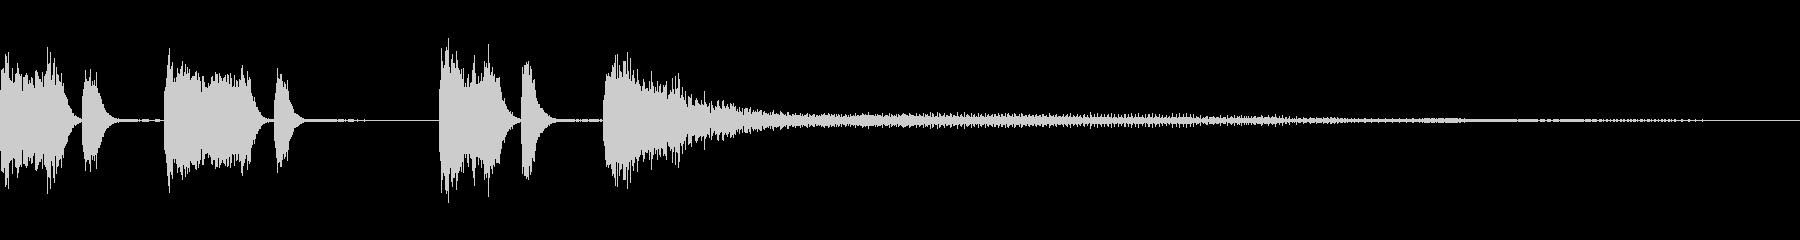 ニュースショートスイープ; DIG...の未再生の波形